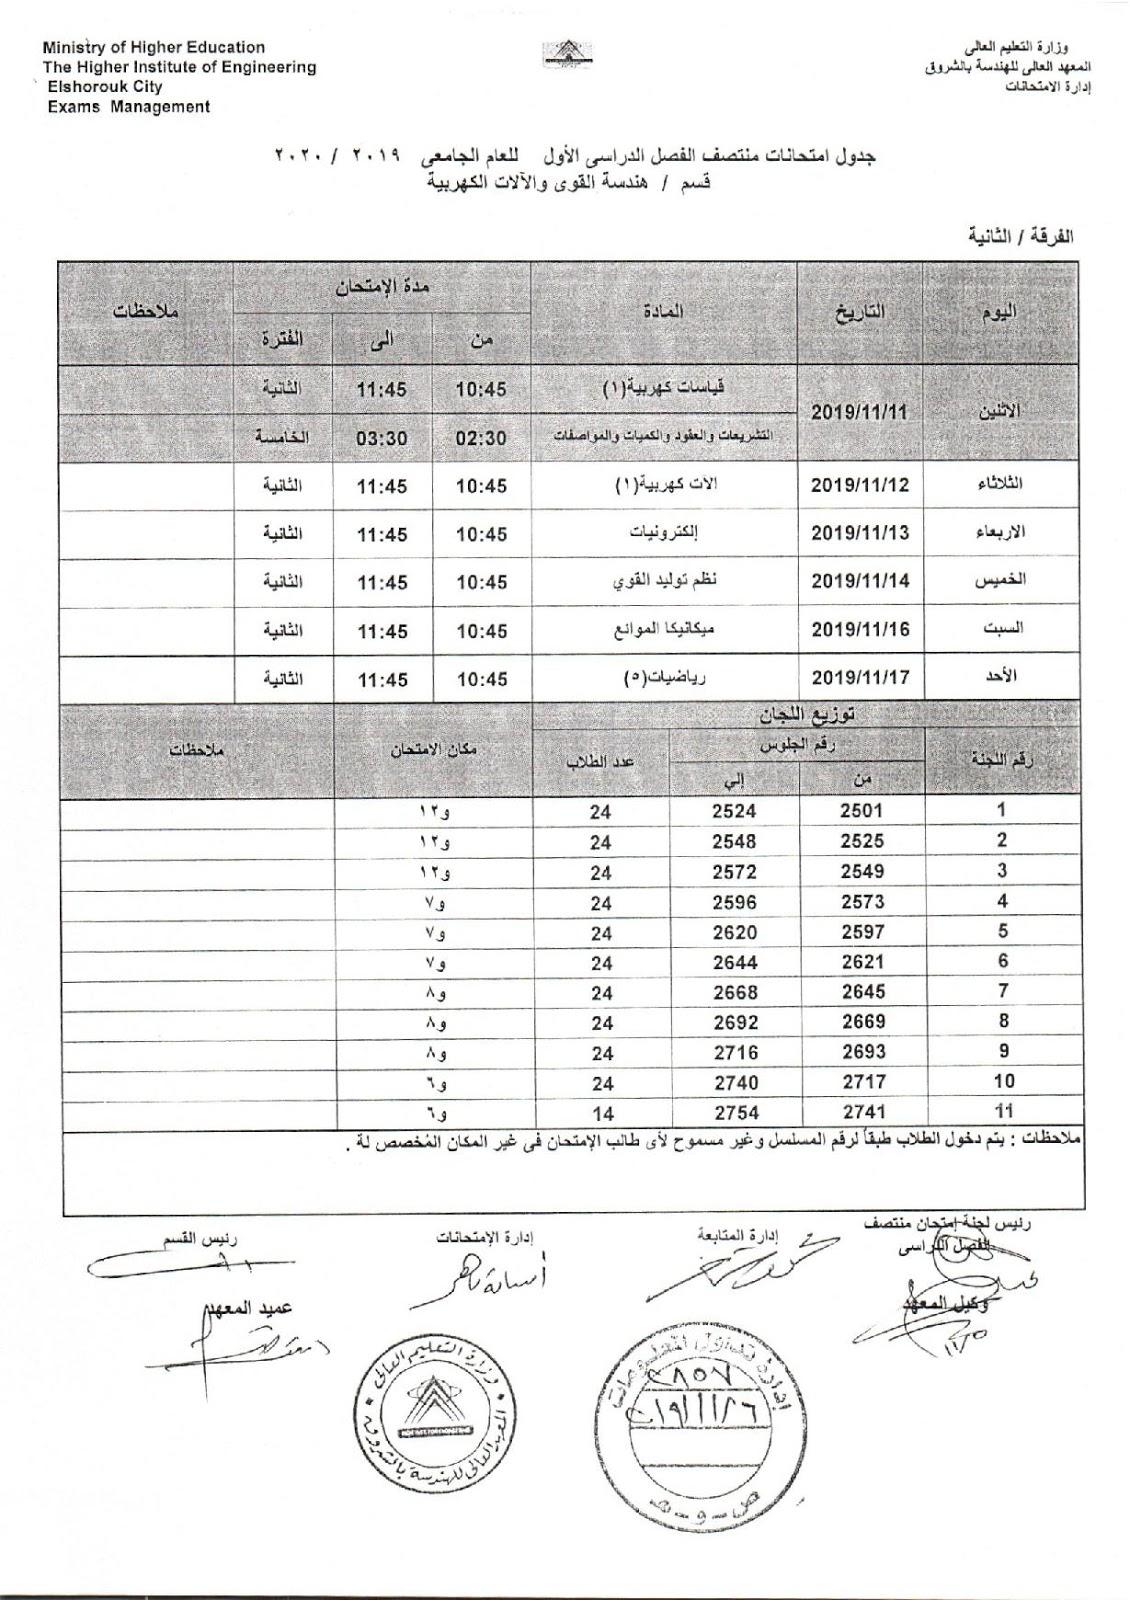 جدول امتحانات اكاديمية الشروق ثانية هندسة كهرباء باور ميدترم 2019-2020